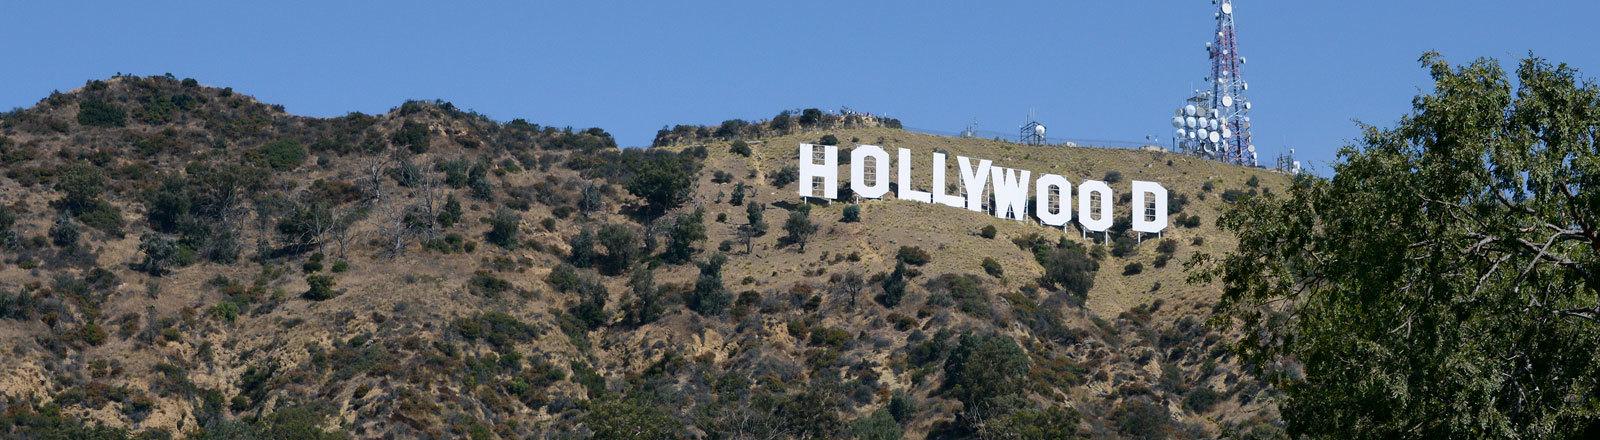 Das berühmte Hollywood-Schild, das zum Wahrzeichen der Filmindustrie in Los Angeles geworden ist.